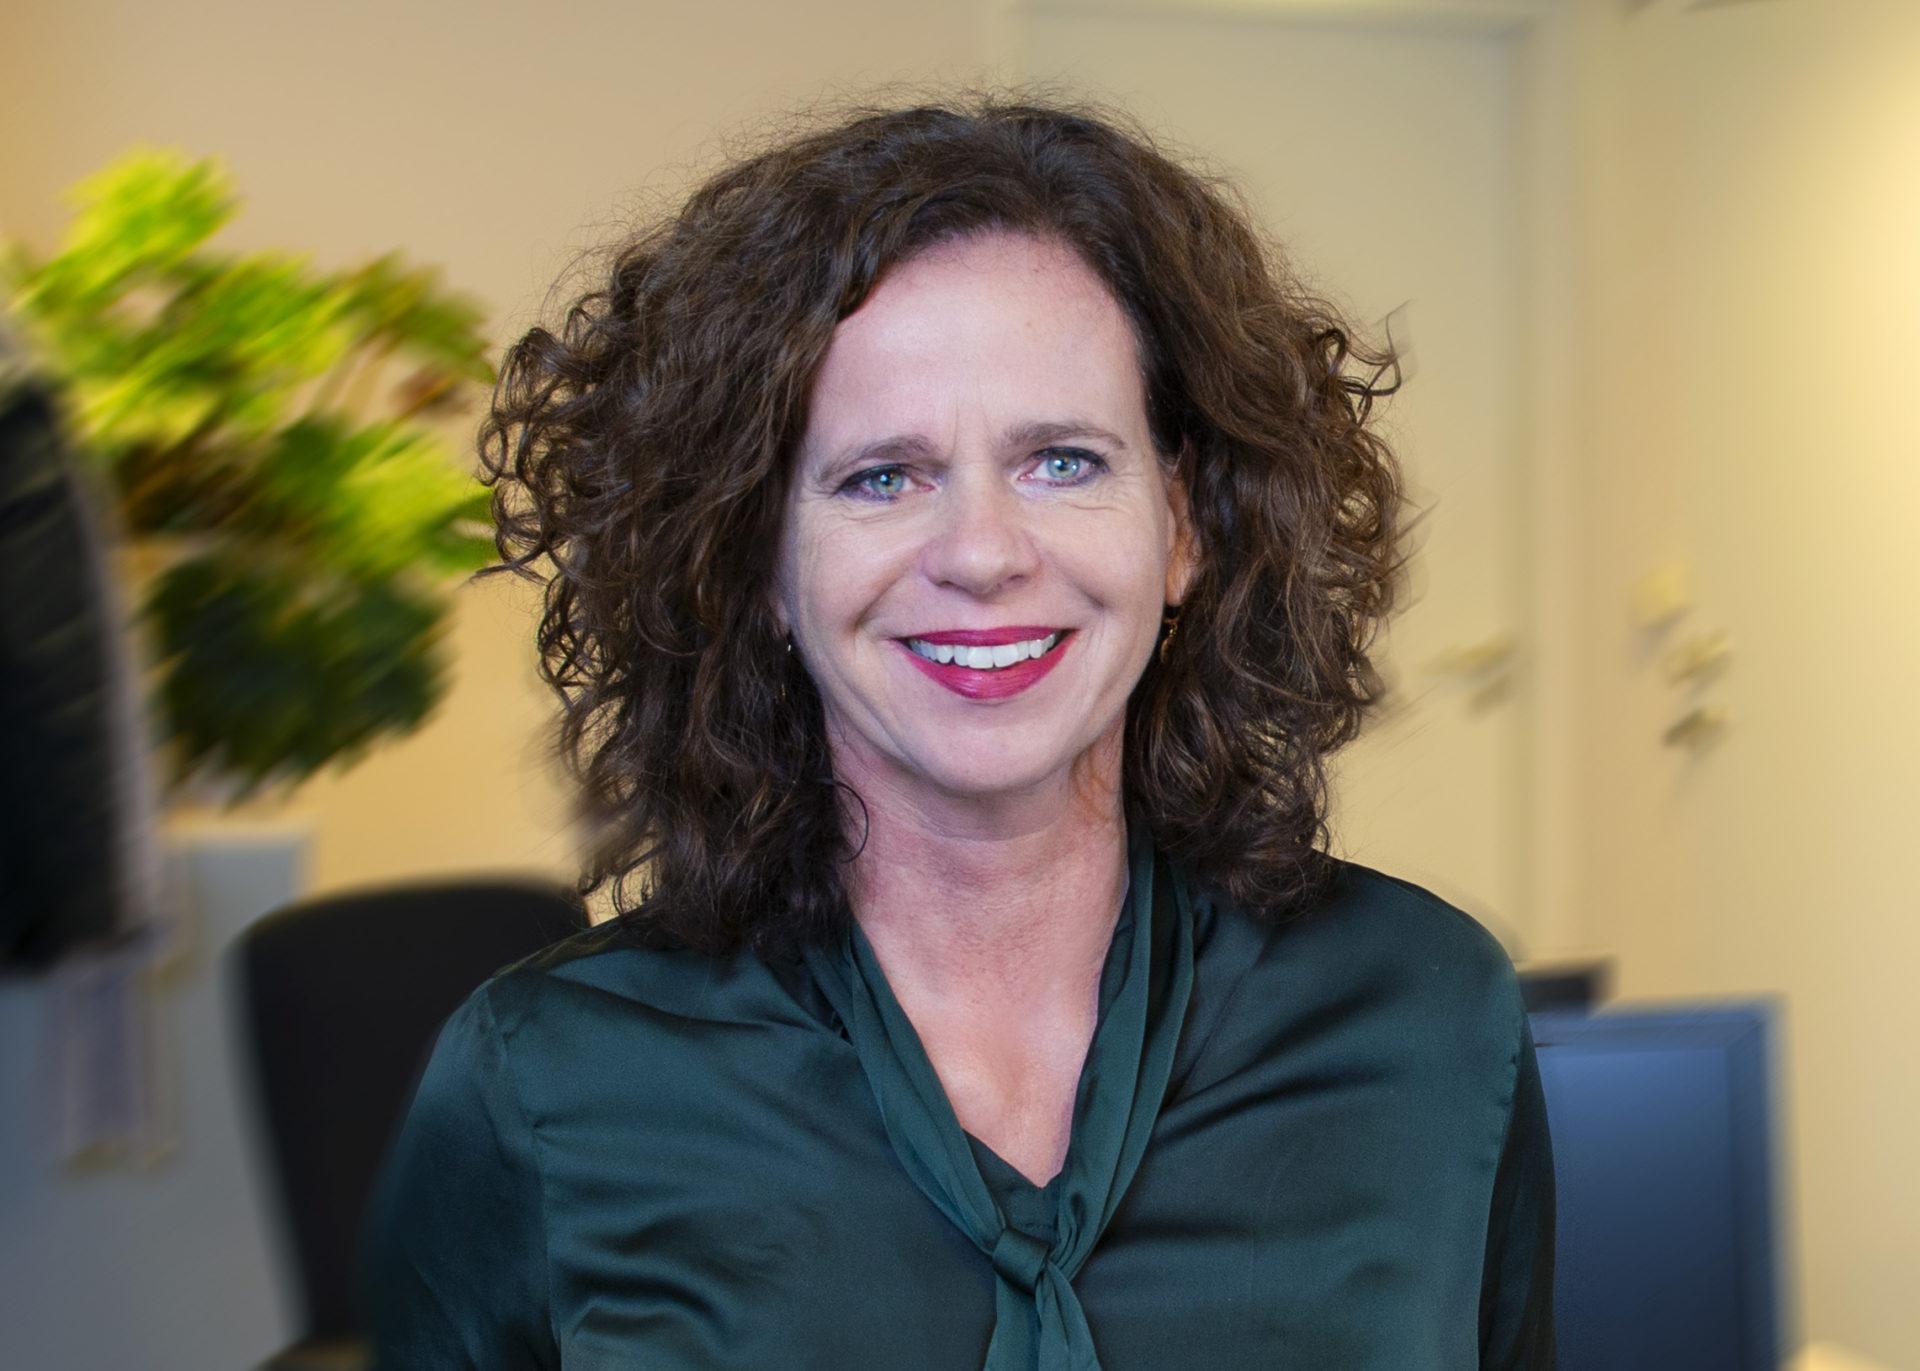 Birgitte van de Koevering